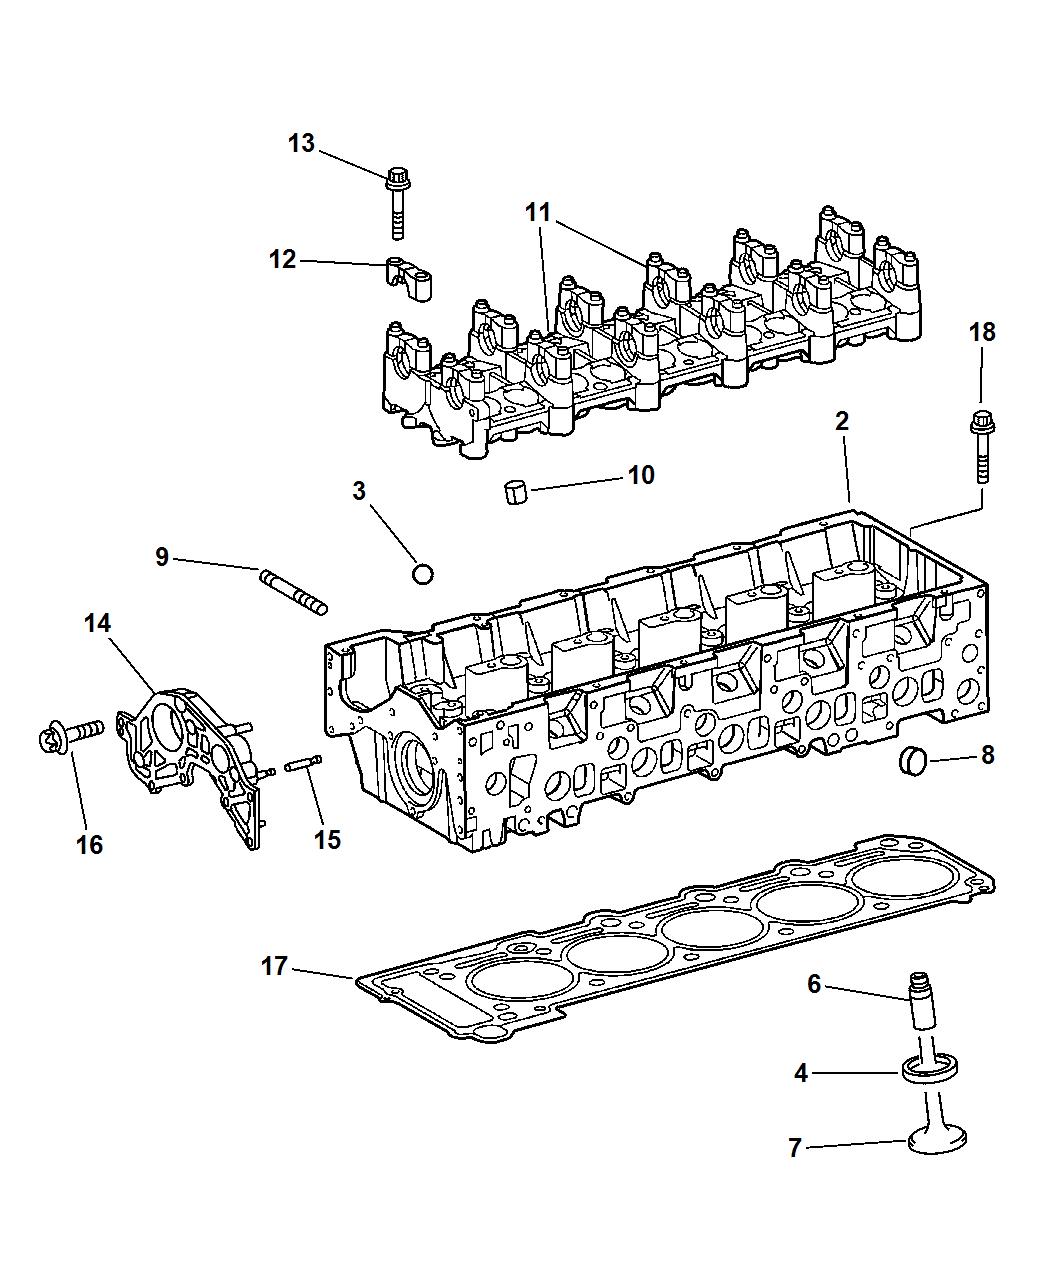 [SCHEMATICS_4ER]  ZK_3403] Dodge Sprinter Engine Wiring Diagram Download Diagram | 2005 Dodge Sprinter Engine Diagram |  | Cajos Stica Flui Lline Jebrp Dome Mohammedshrine Librar Wiring 101